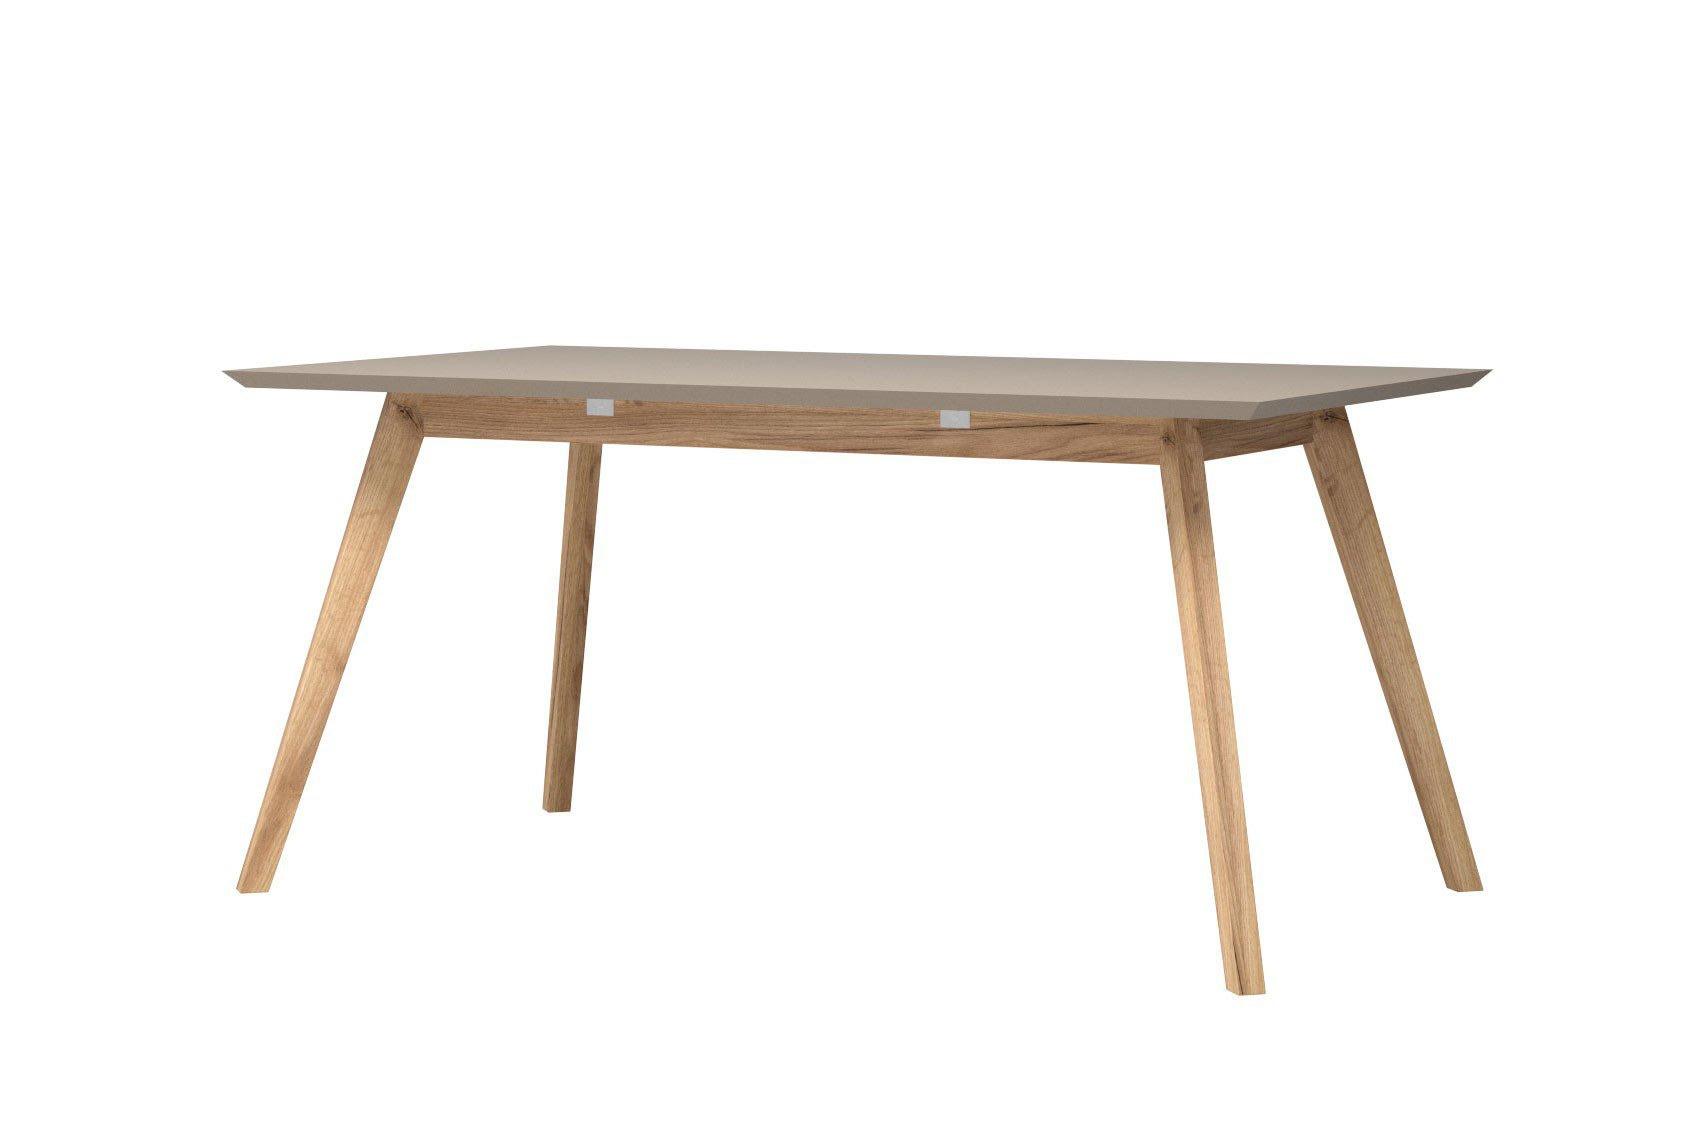 küchentisch dänisches design - design bild